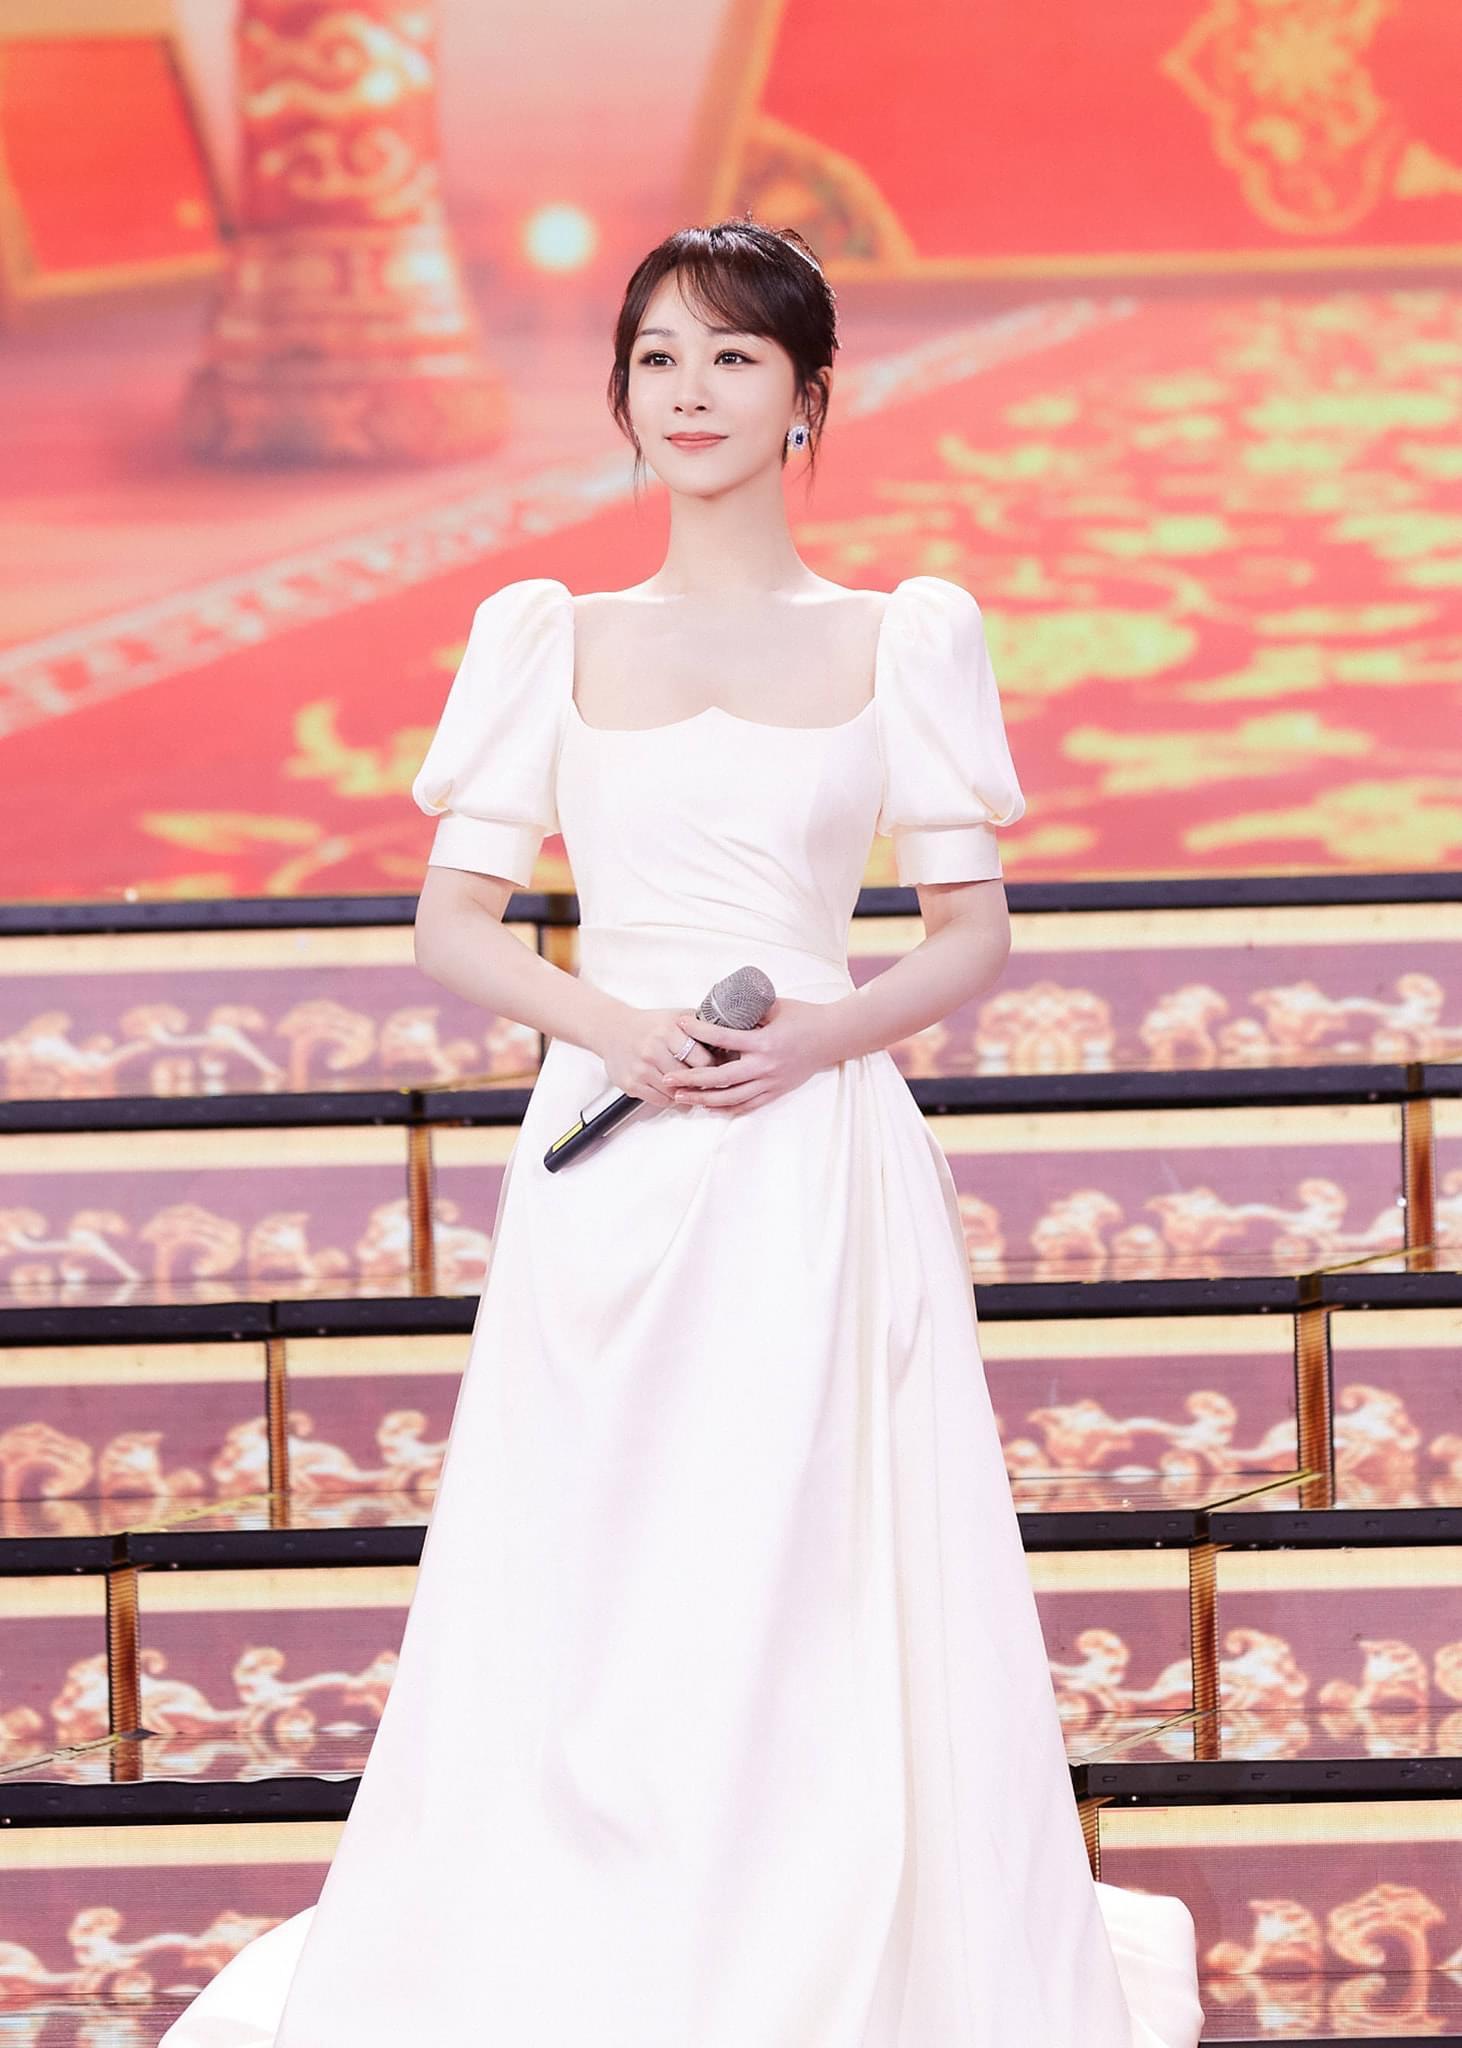 Dương Tử ngày càng nâng tầm nhan sắc sau khi giảm cân thành công. Nữ diễn viên chọn đúng kiểu váy giấu nhược điểm cơ thể, đẹp thuần khiết như một nàng công chúa.